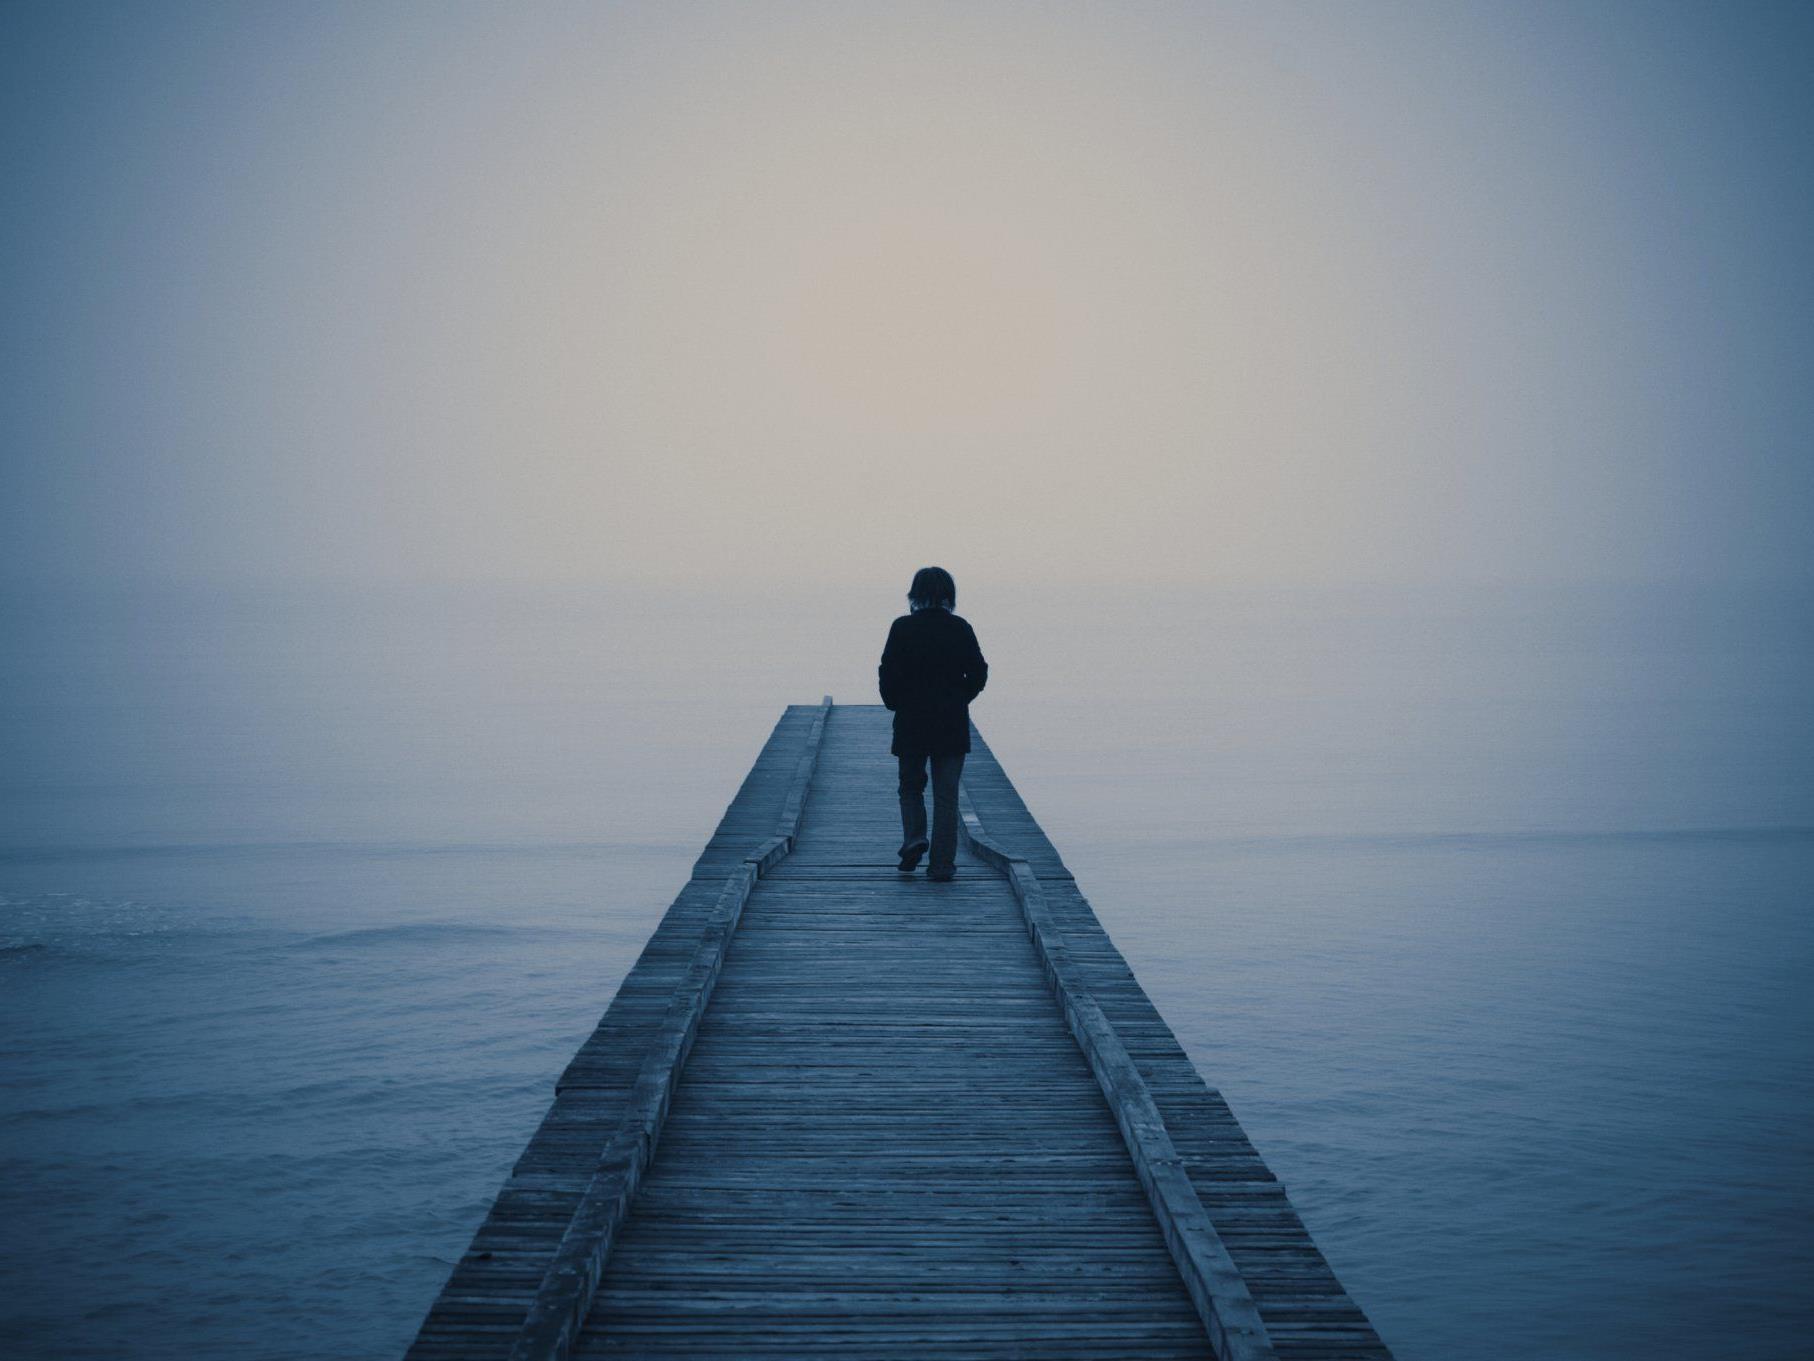 Entstigmatisierung psychischer Erkrankungen durch Aufklärung.